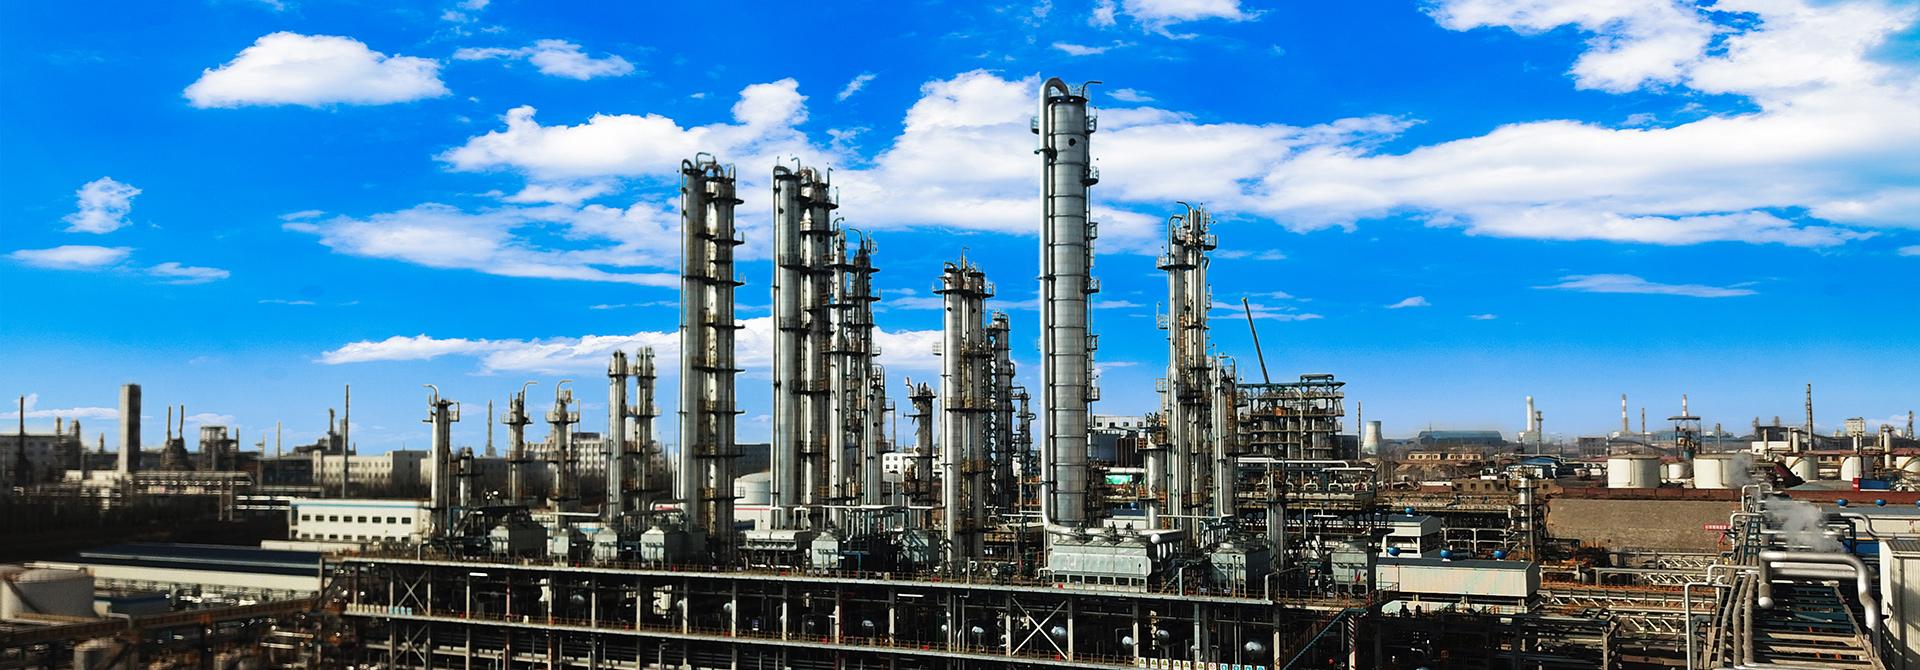 富油企业产品